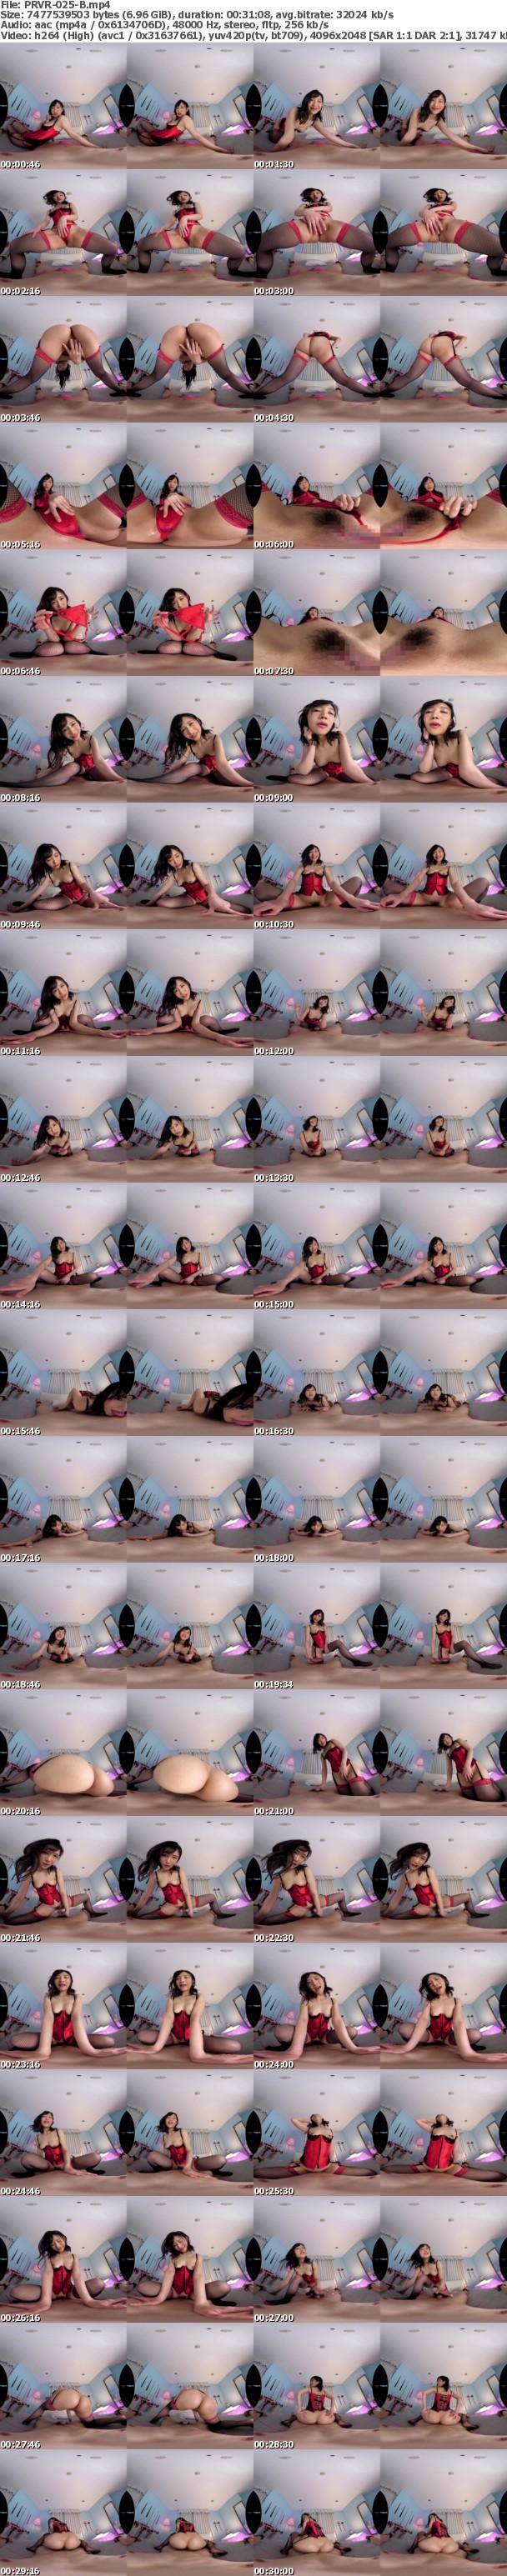 (VR) PRVR-025 【HQ超高画質】星奈あいプレミアム専属決定!最新作を独占リリース! 顔面レベルやっぱり最強!淫語と空気づくりが天才的にエロ過ぎる!女王様ホッシーナとの新婚生活はメスイキ連発&痴女中出しで激シコな毎日!